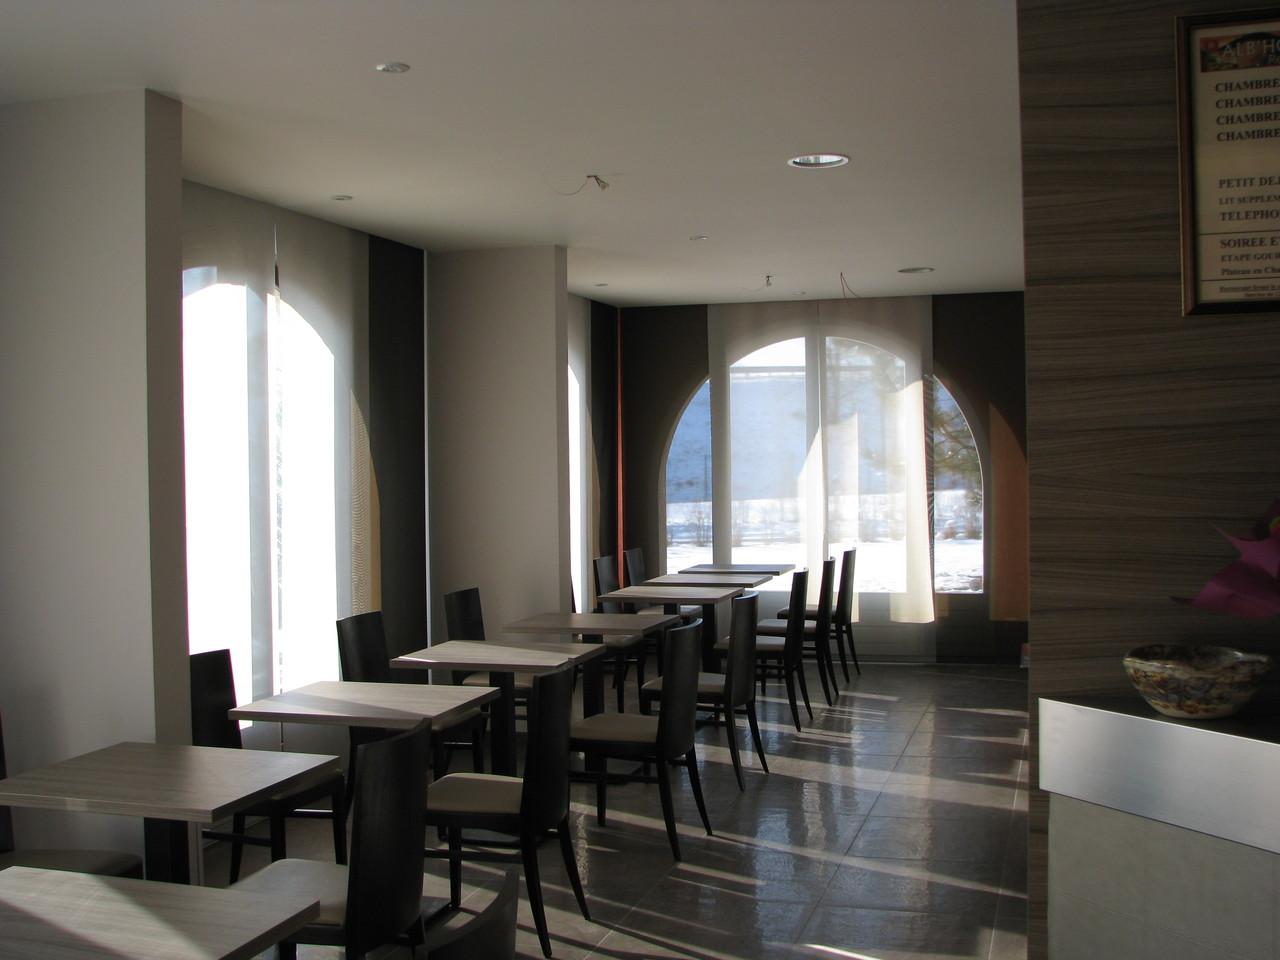 Salle petit déjeuner à Rumilly, parois japonnaises 2 couleurs